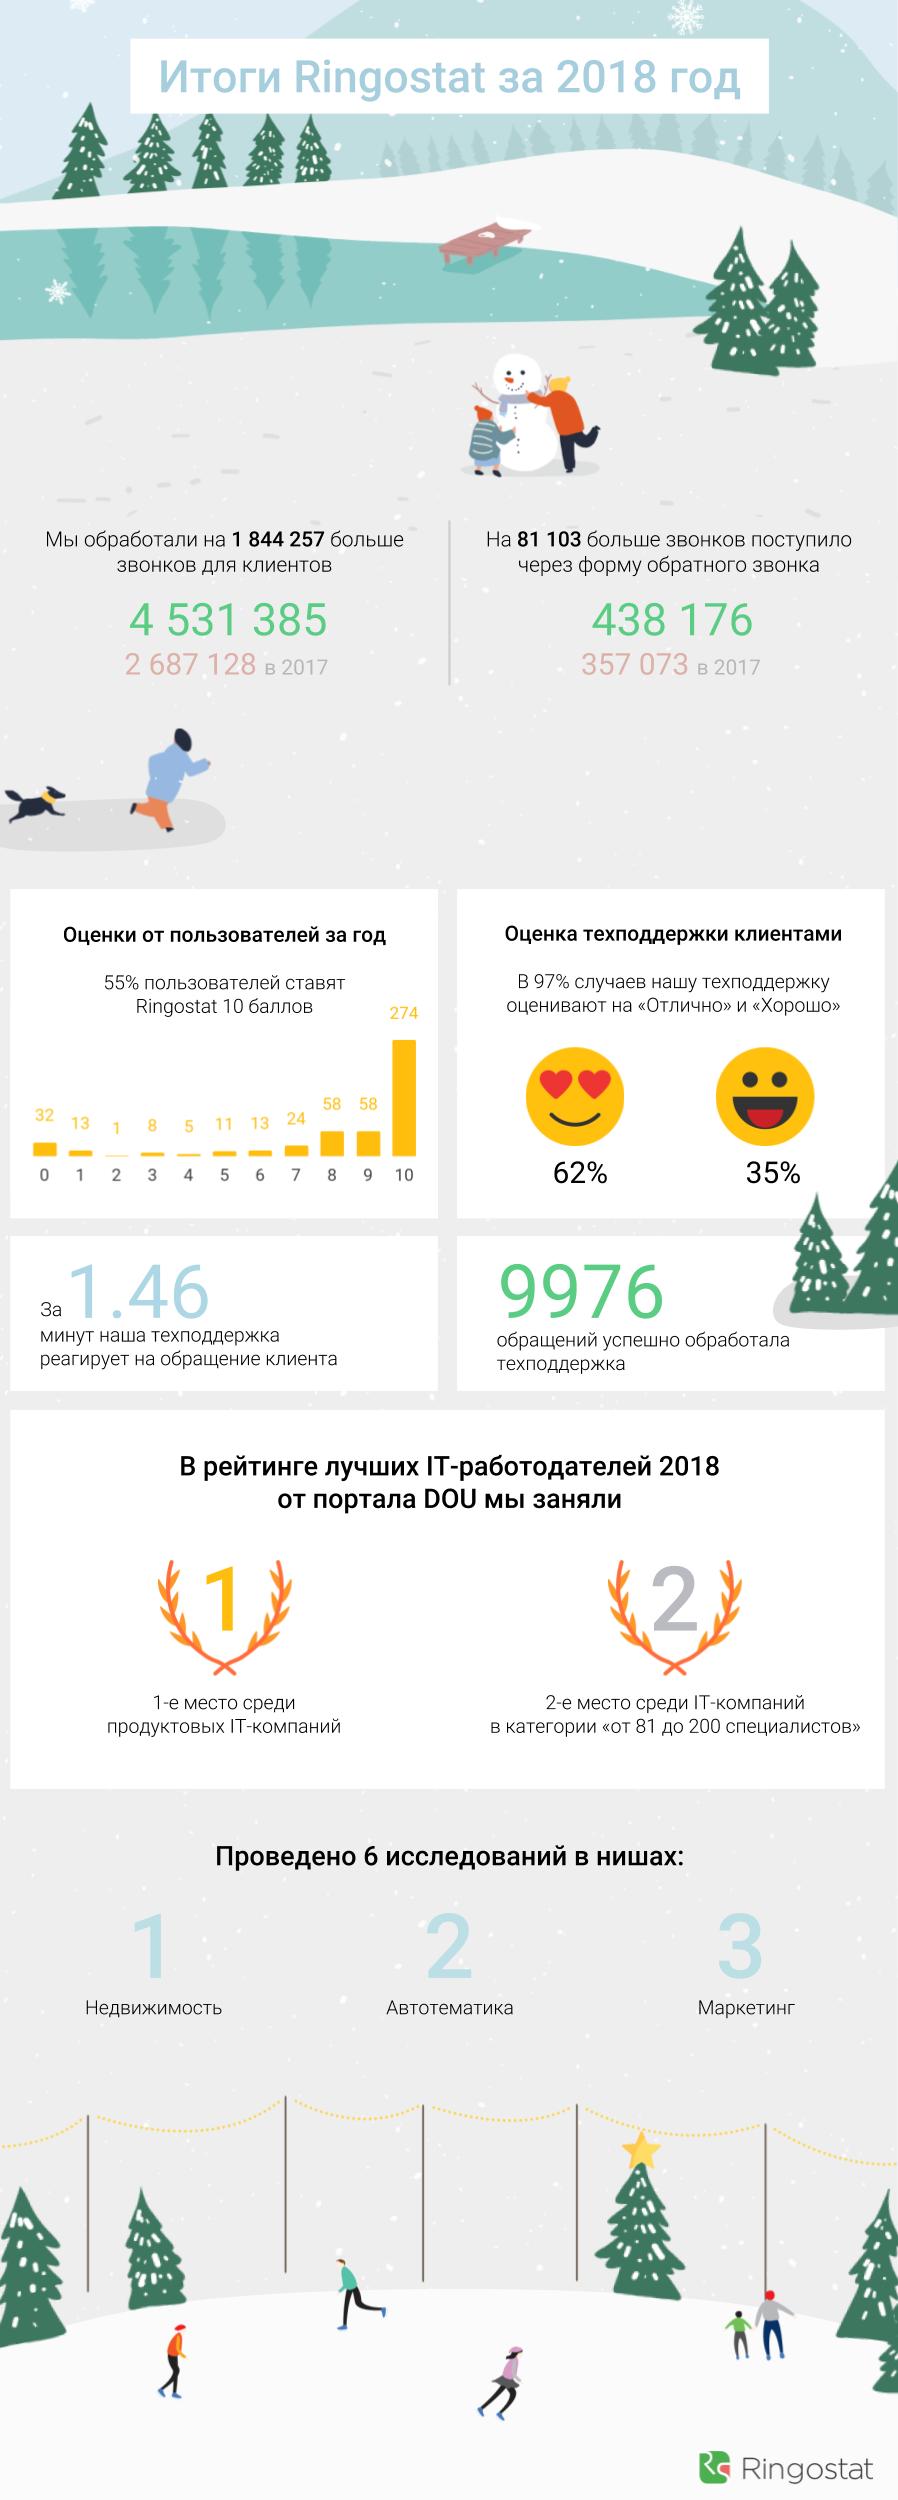 инфографика итоги года 2018